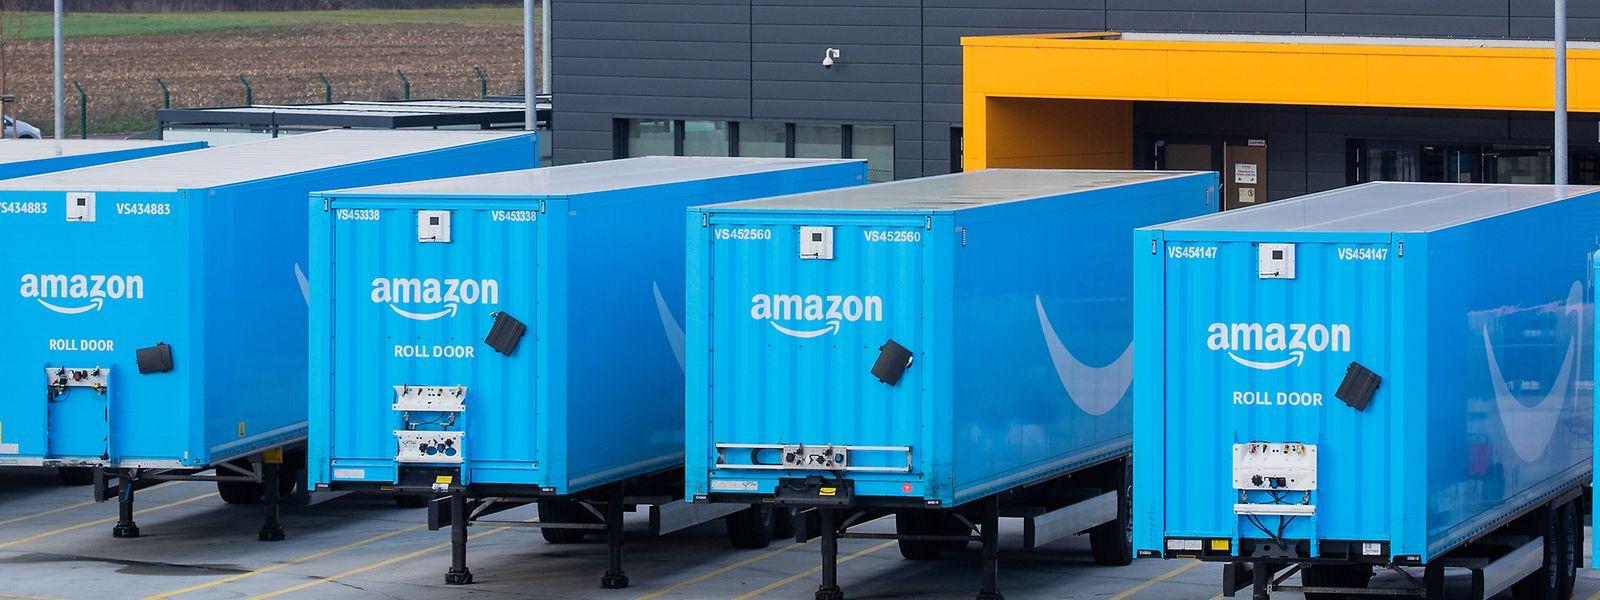 35 millions d'euros à régler par Amazon à l'autorité de protection des données française, même si la société conteste son infraction.